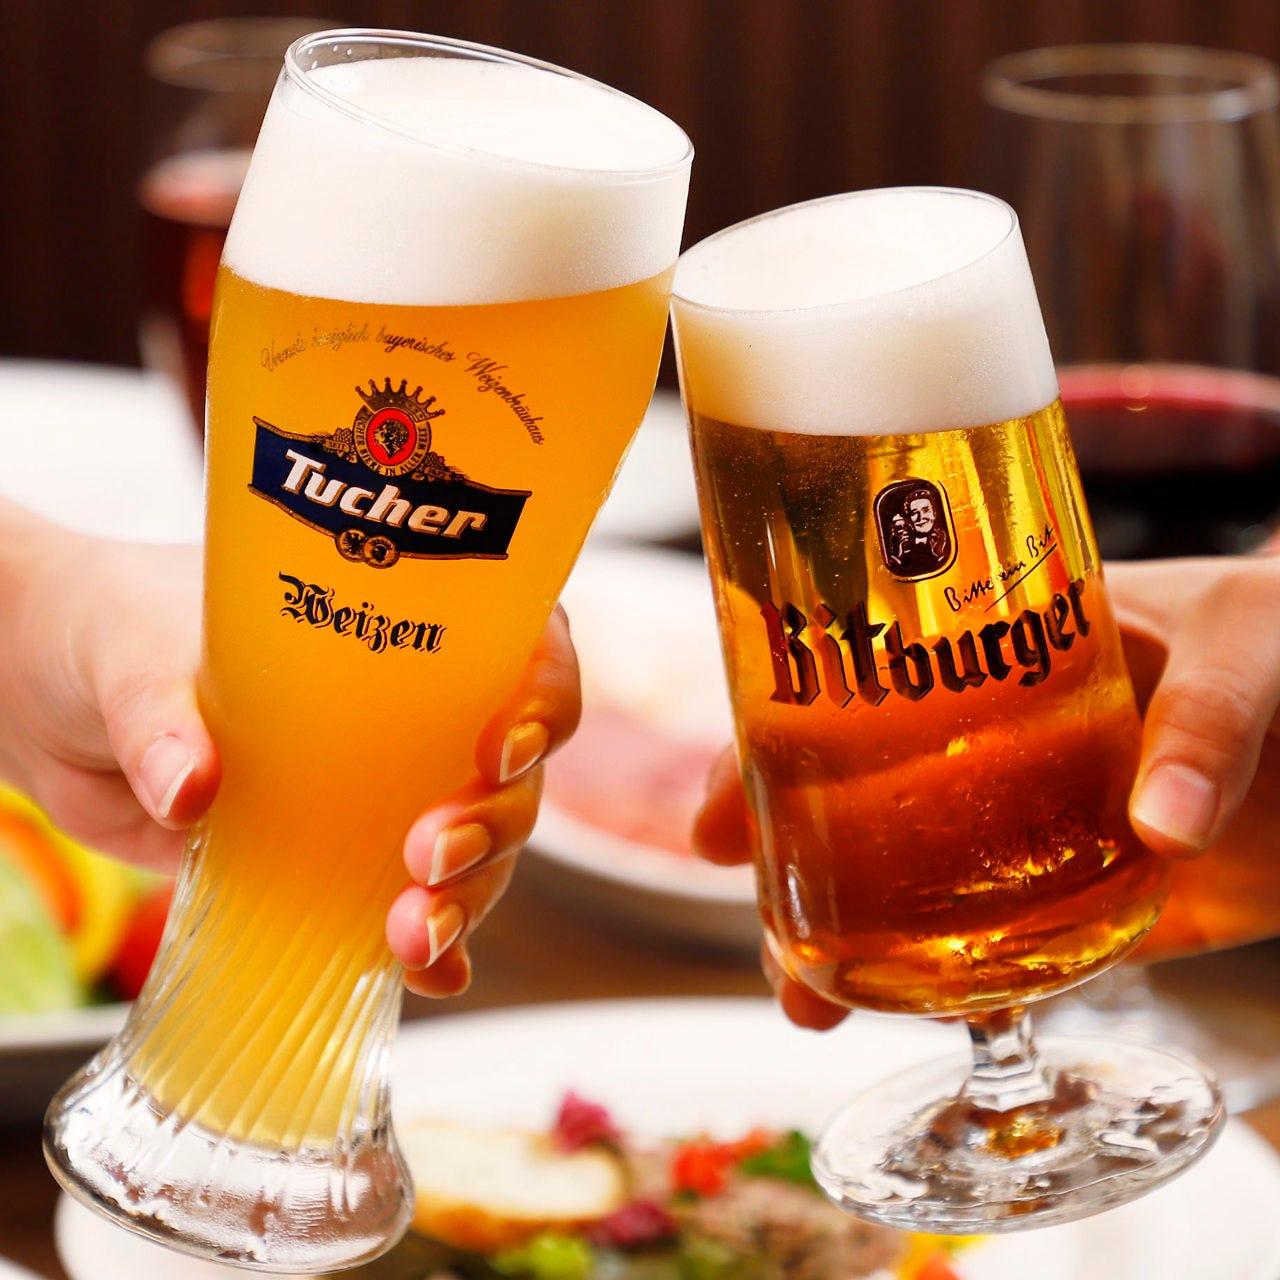 樽出しドイツビール含む飲み放題付きコースも♪相性抜群です!!